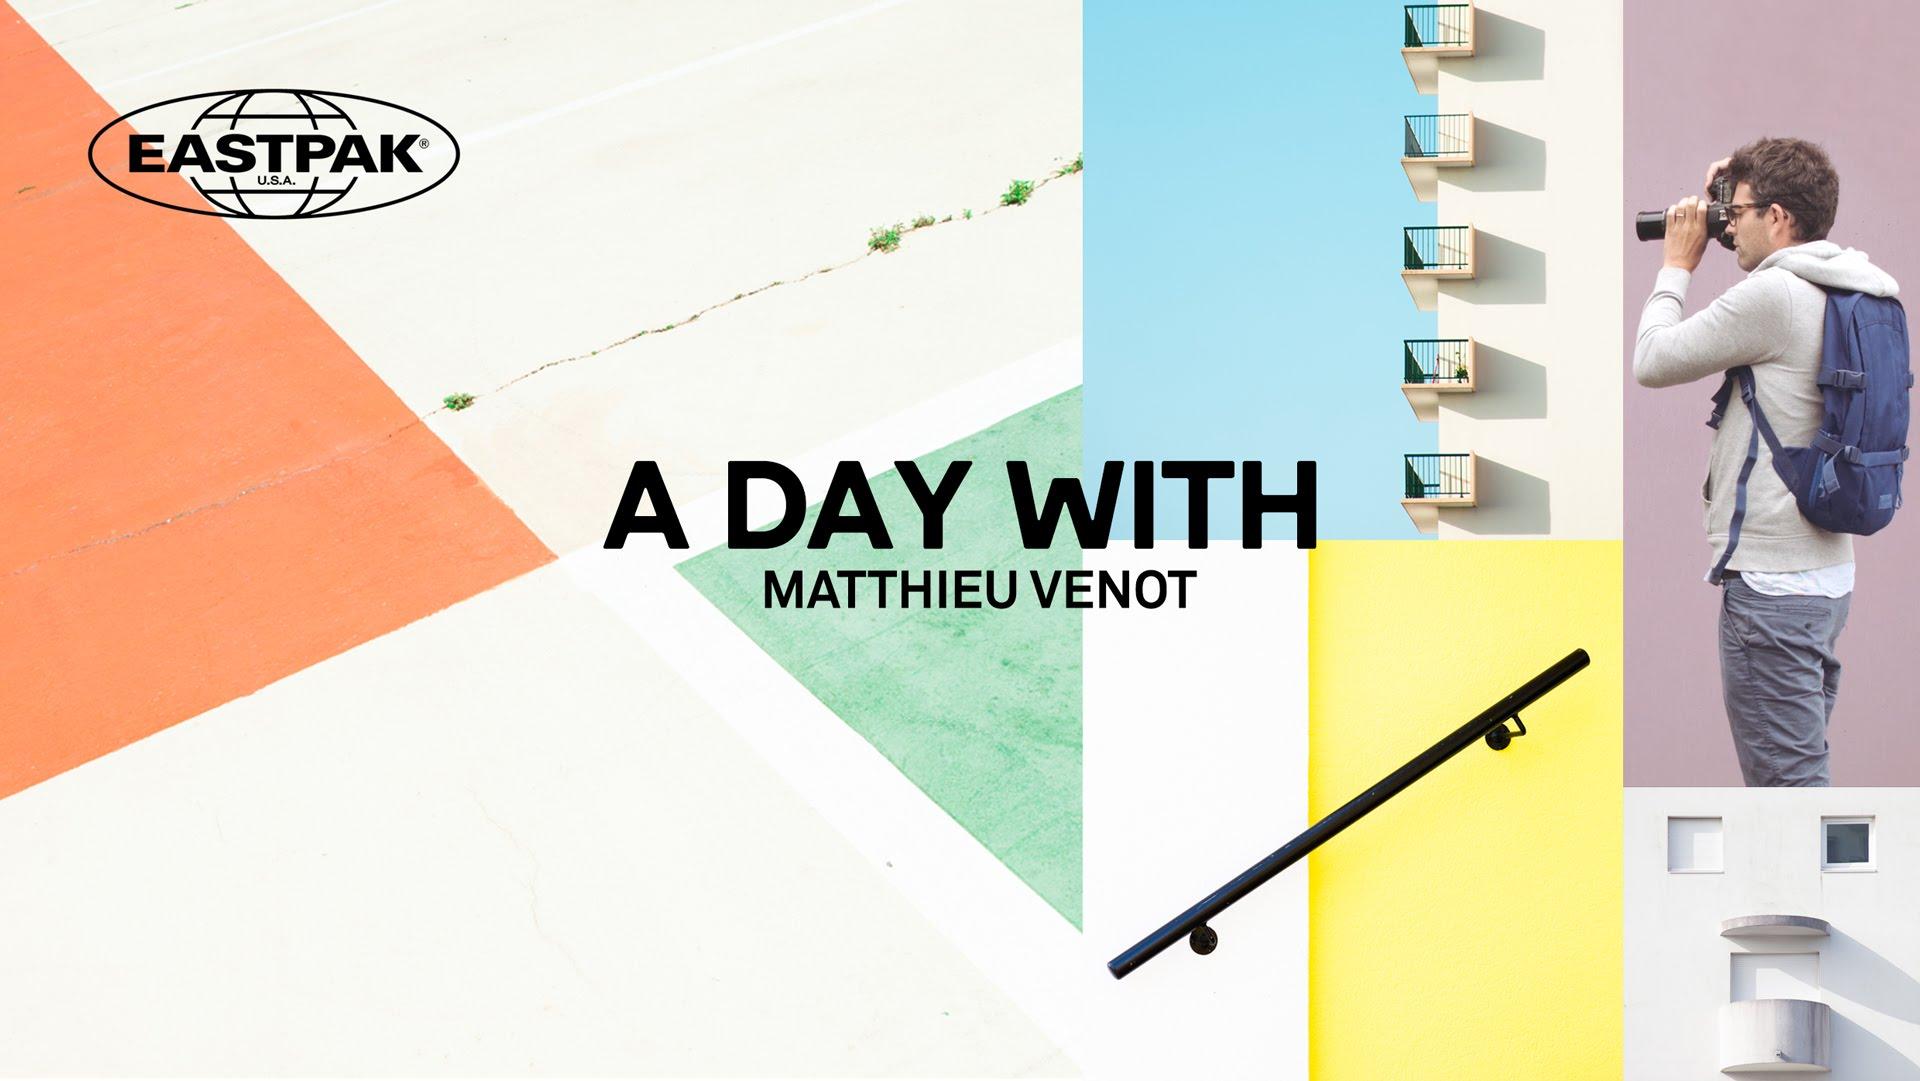 Vidéo : les photos d'architecture minimalistes de Matthieu Venot présentées par Eastpak France